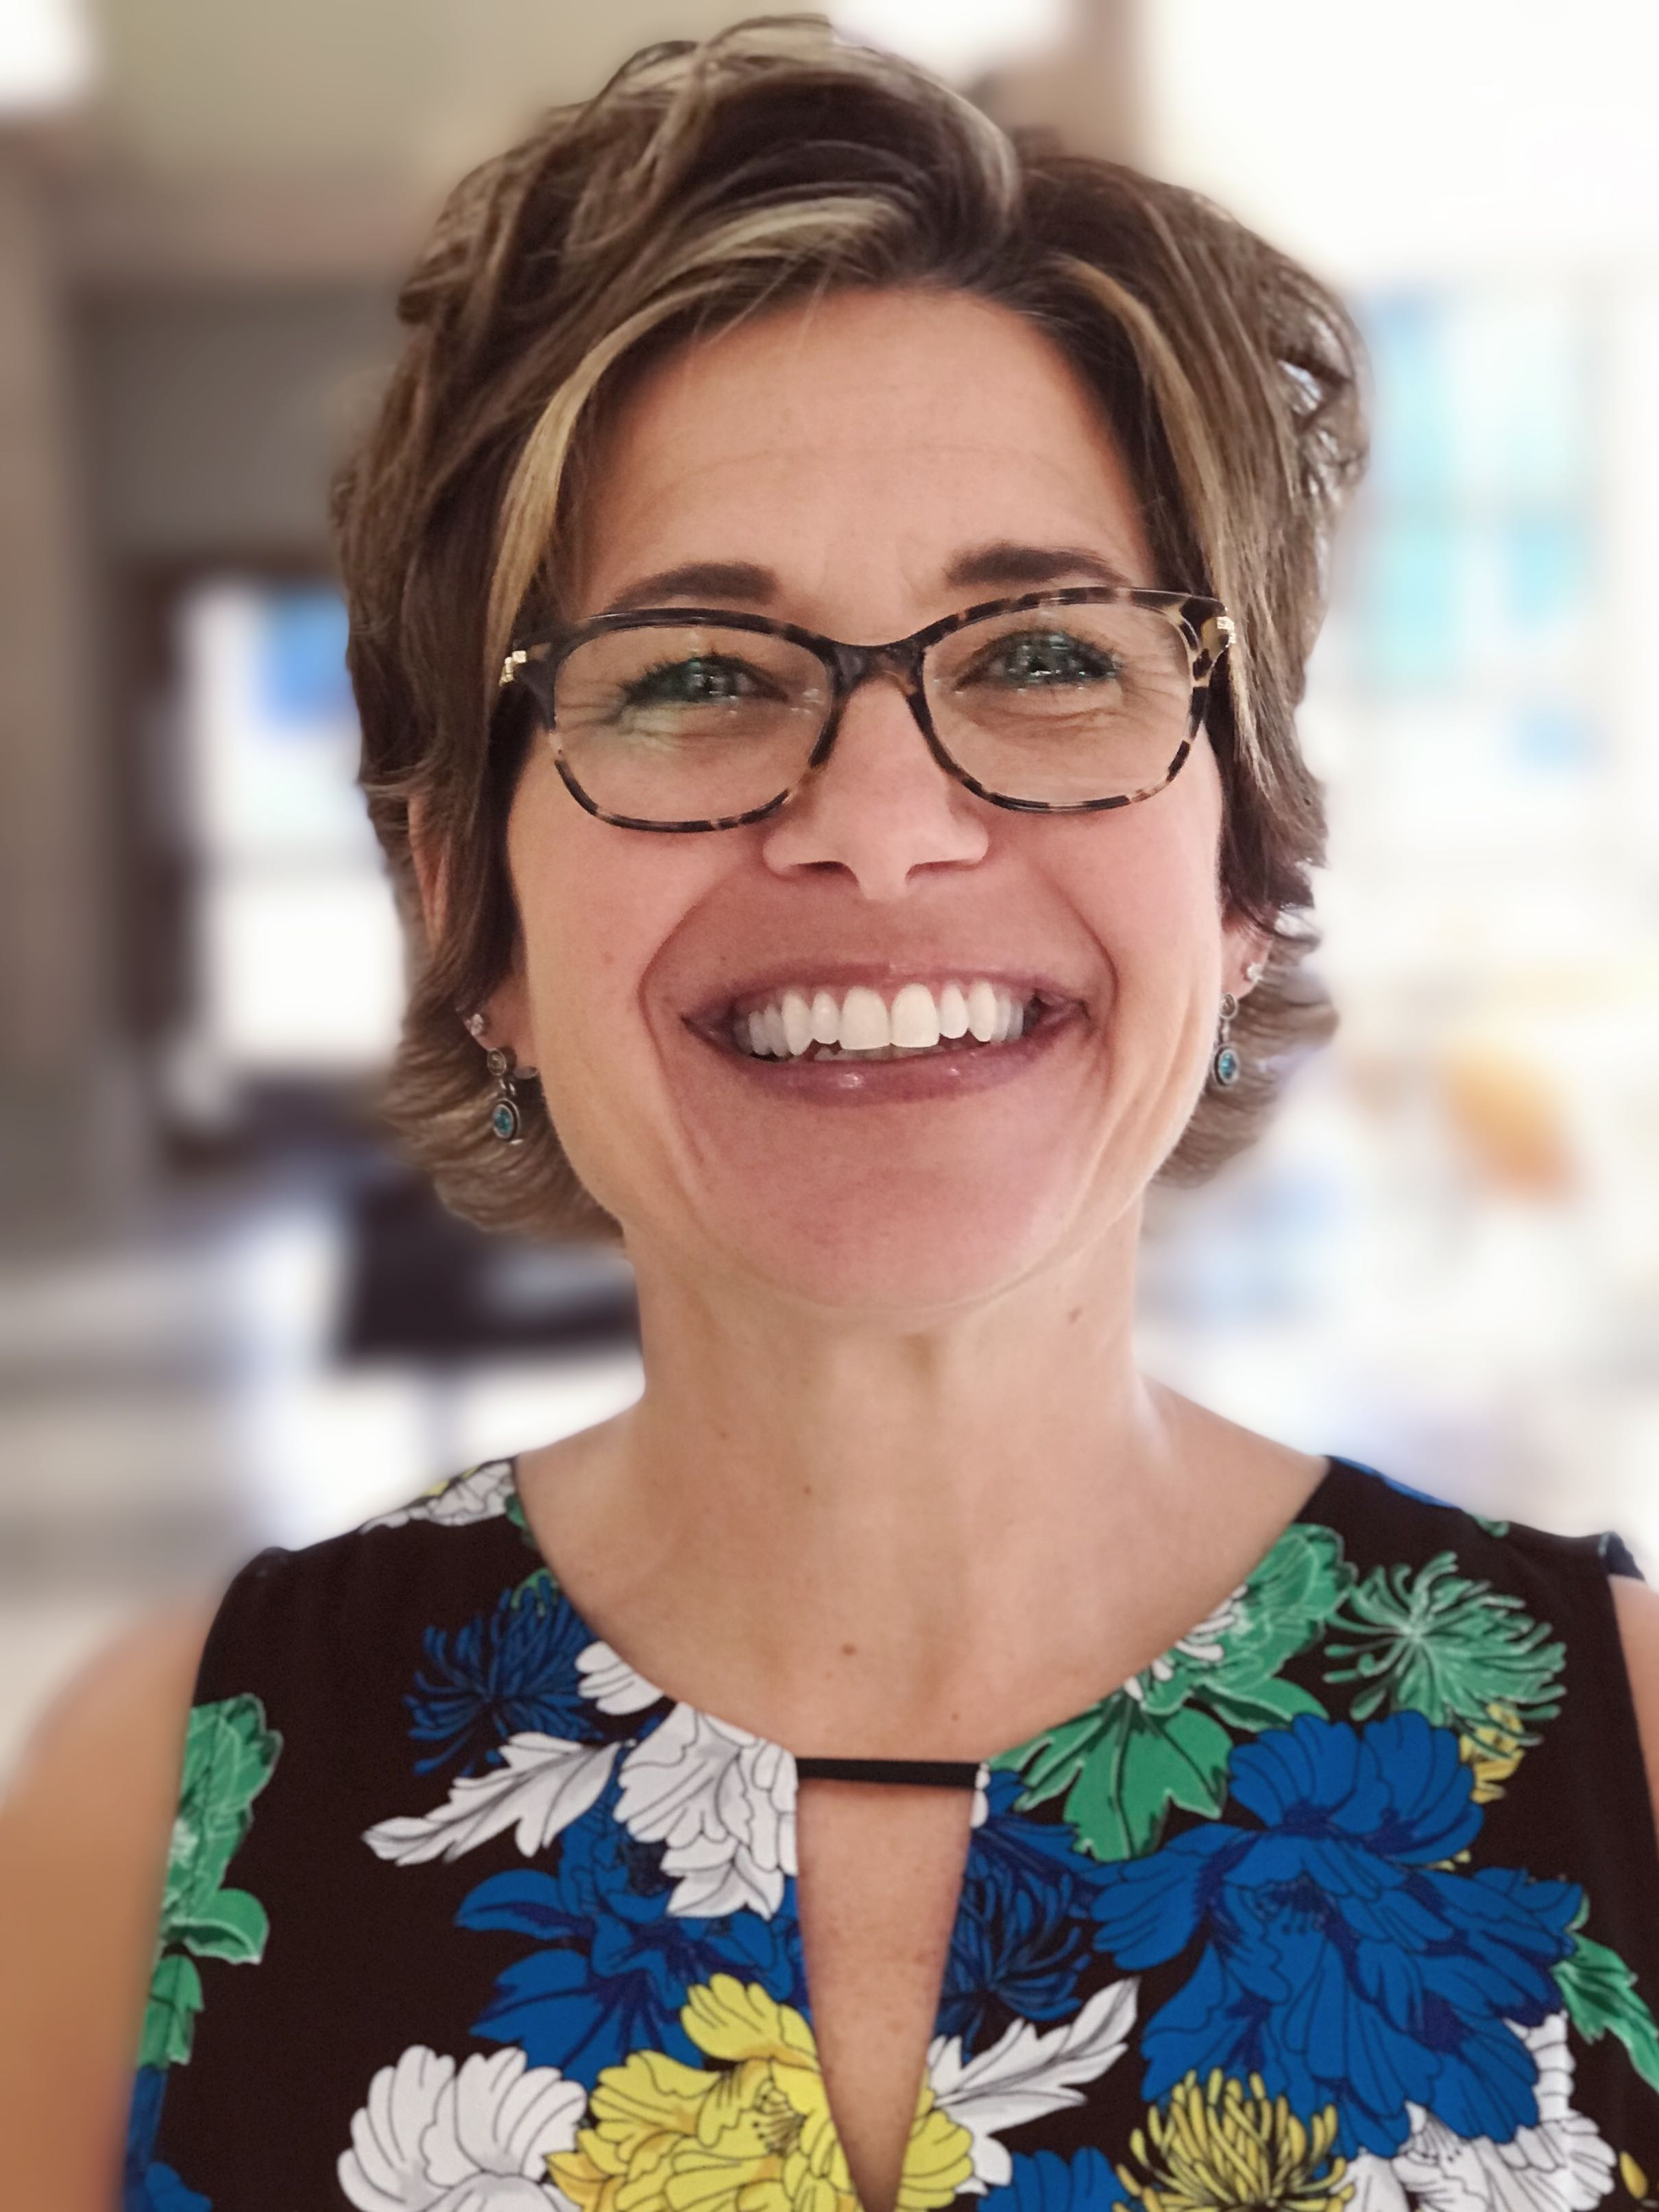 Joanie Smith